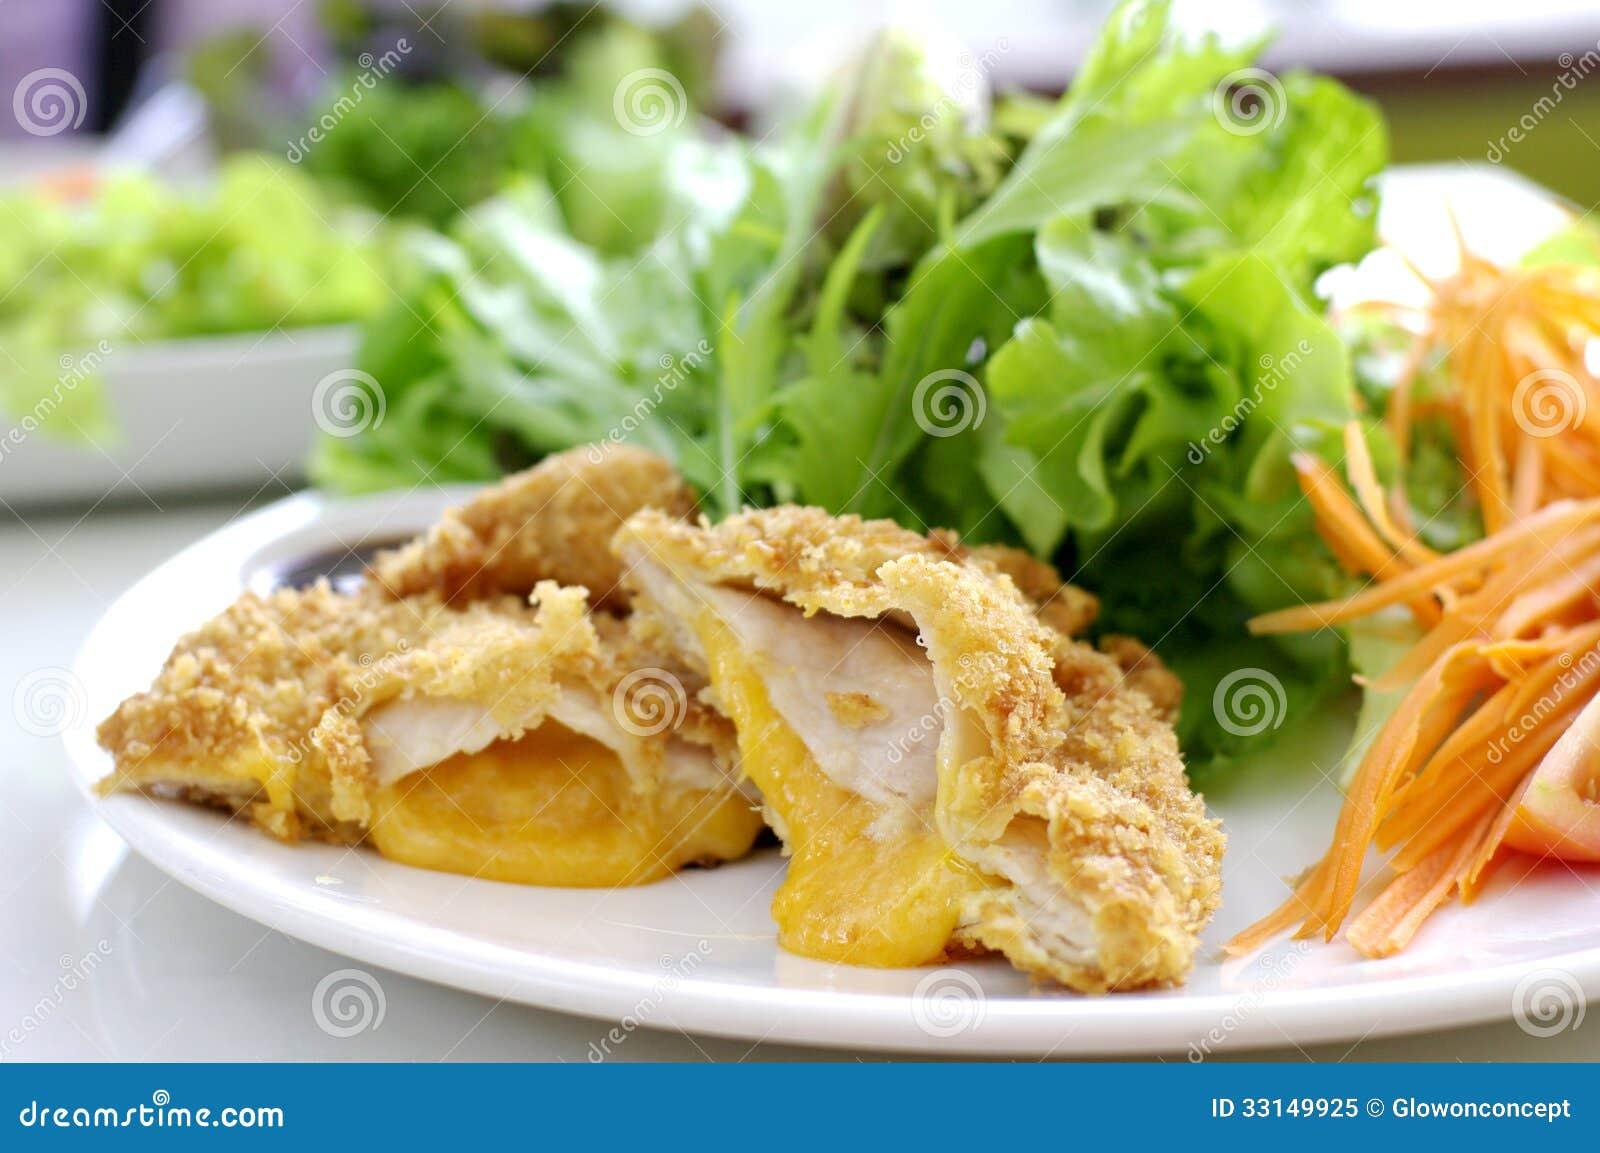 Carne de porco fritada com queijo e salada